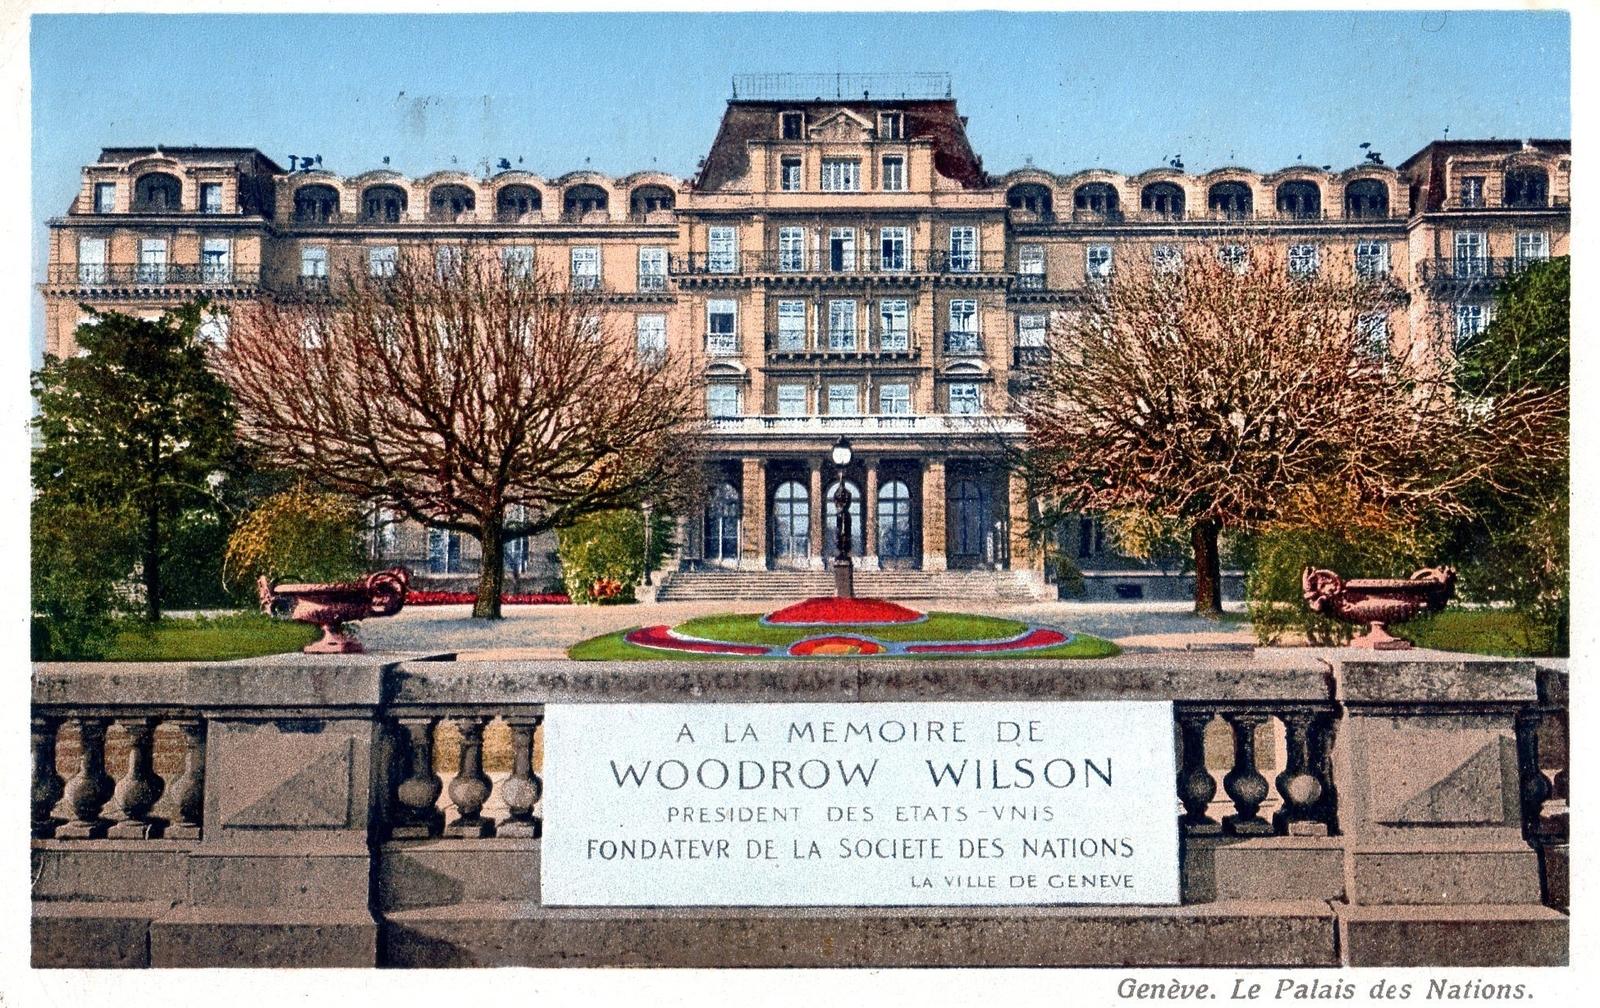 Genève -  à la mémoire de Woodrow Wilson président des ÉTATS UNIS fondateur de la société des nations - le palais des nations.